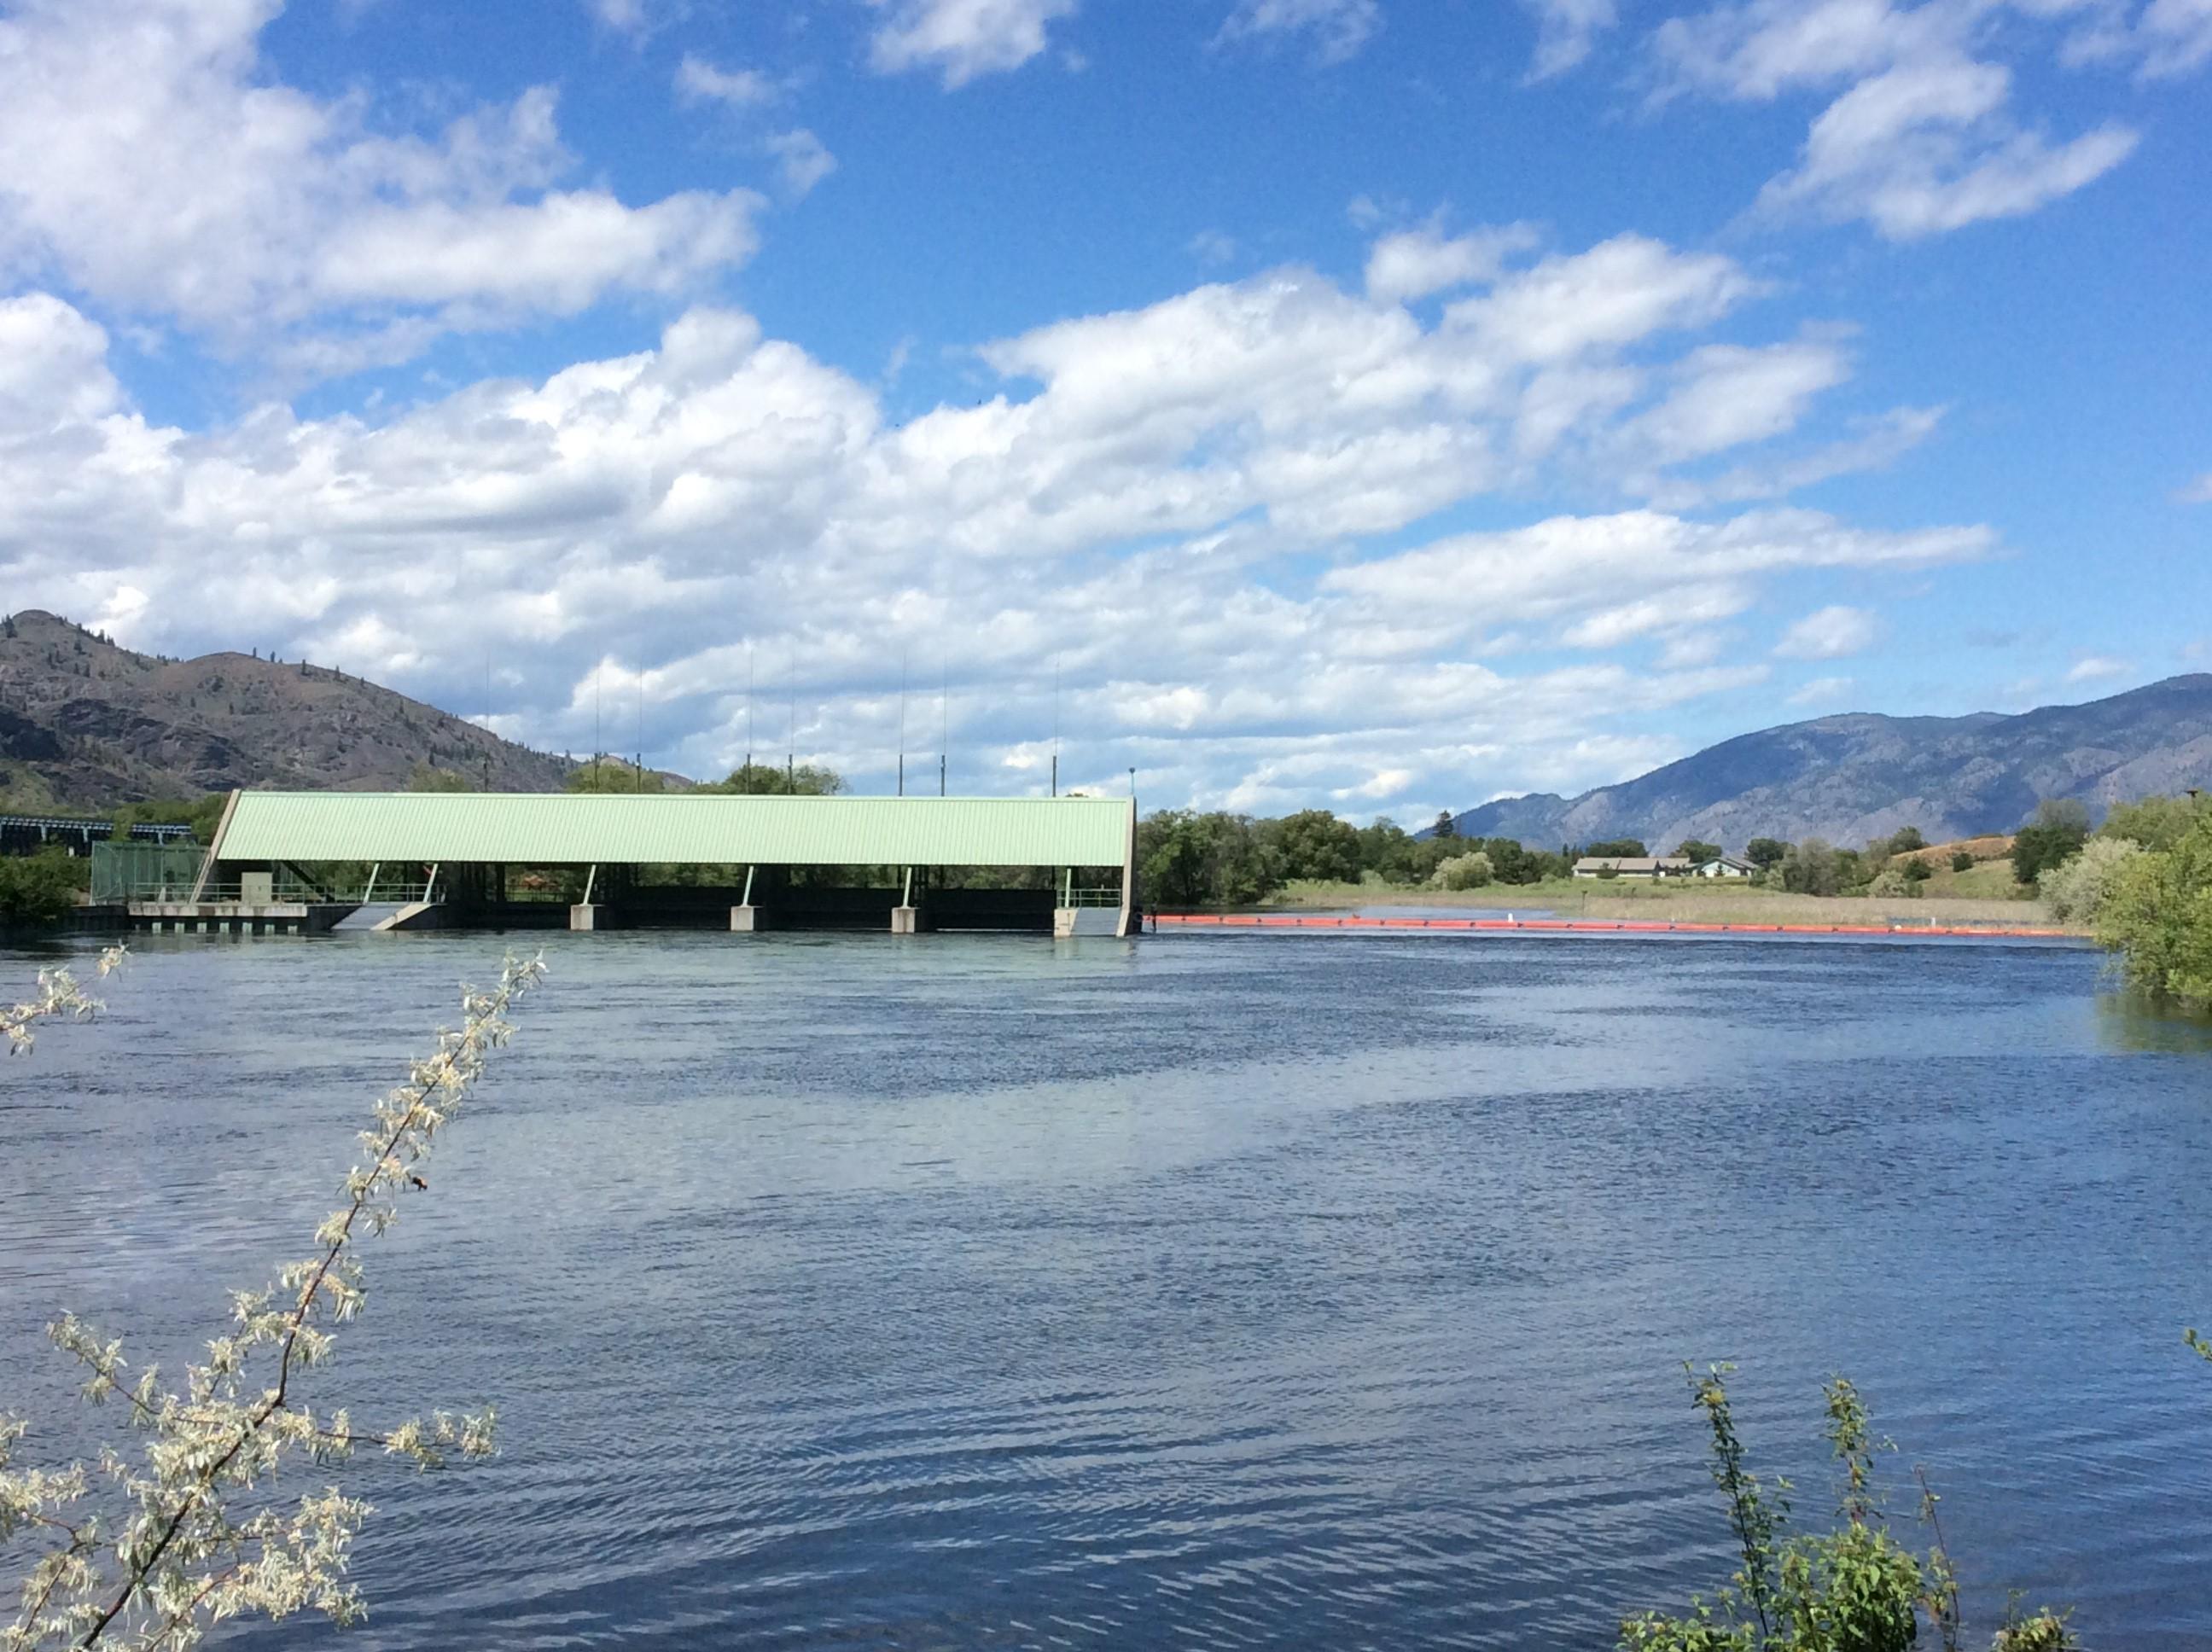 Le déversoir du barrage Zosel a été inondé durant les crues du système du lac Osoyoos en mai et en juin, et a été recouvert par les eaux. Mention de source : Brian Symonds